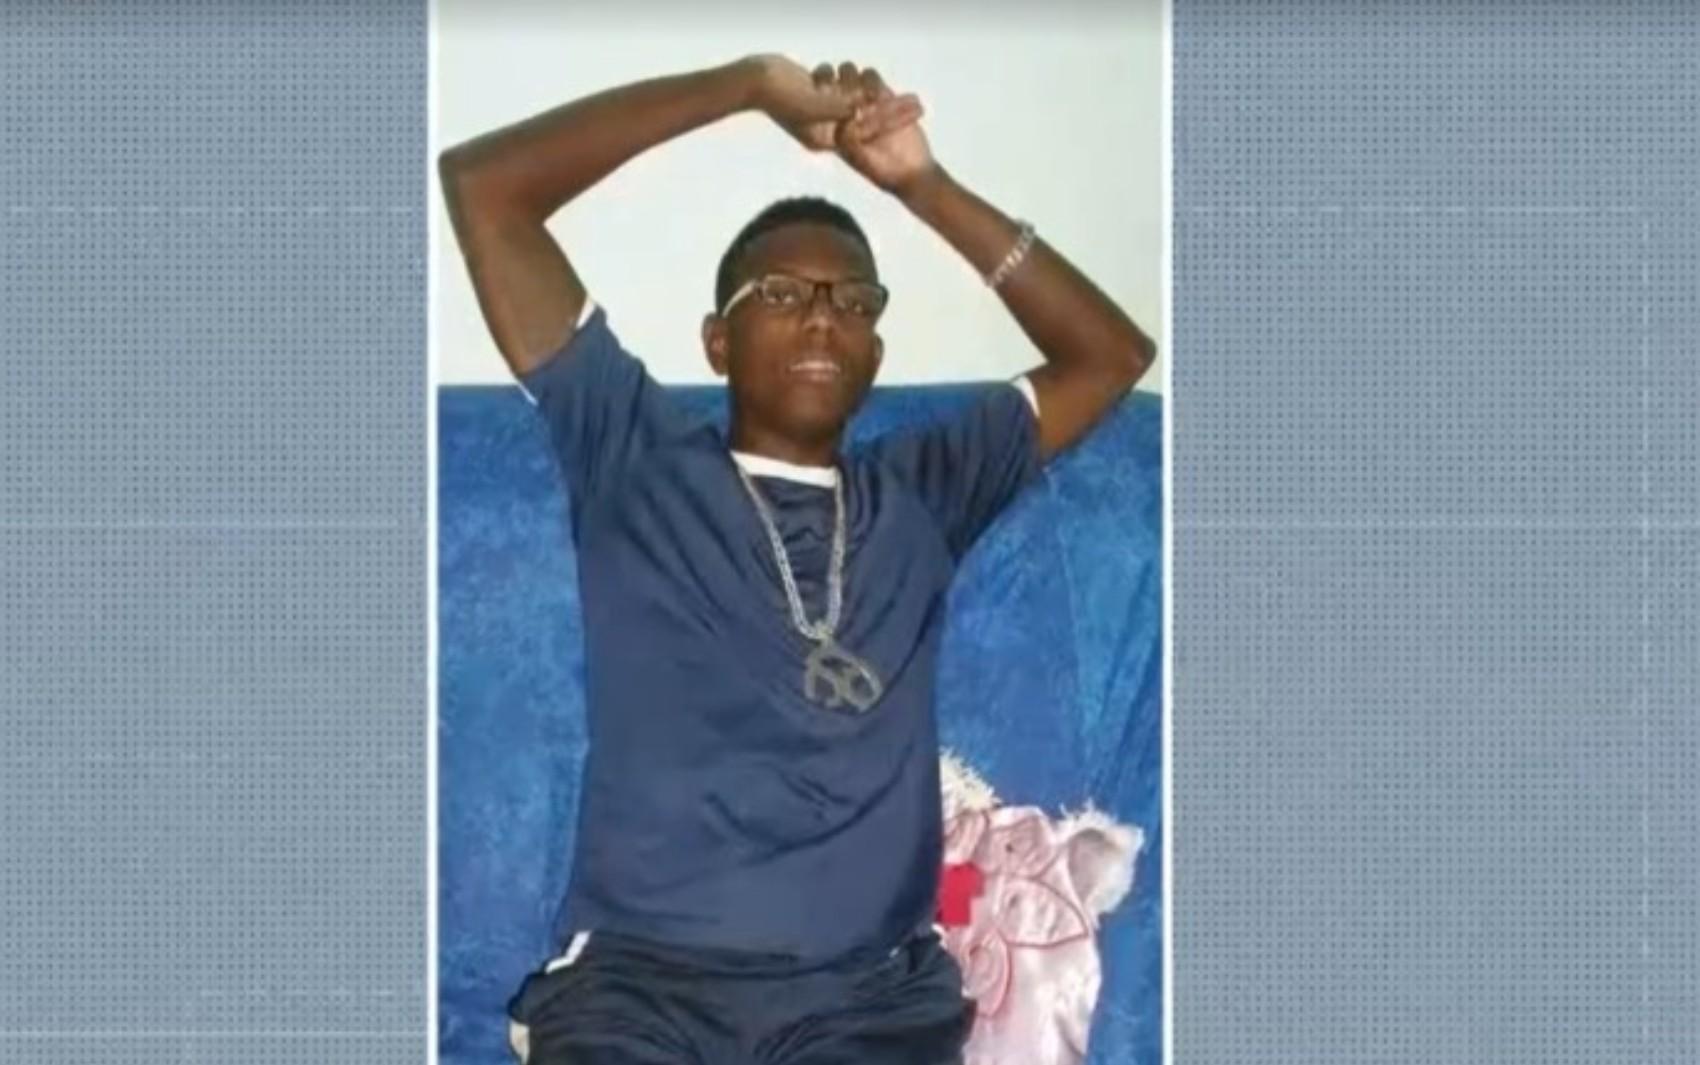 Jovem de 26 anos é morto a tiros após reagir a assalto no bairro de Cosme de Farias